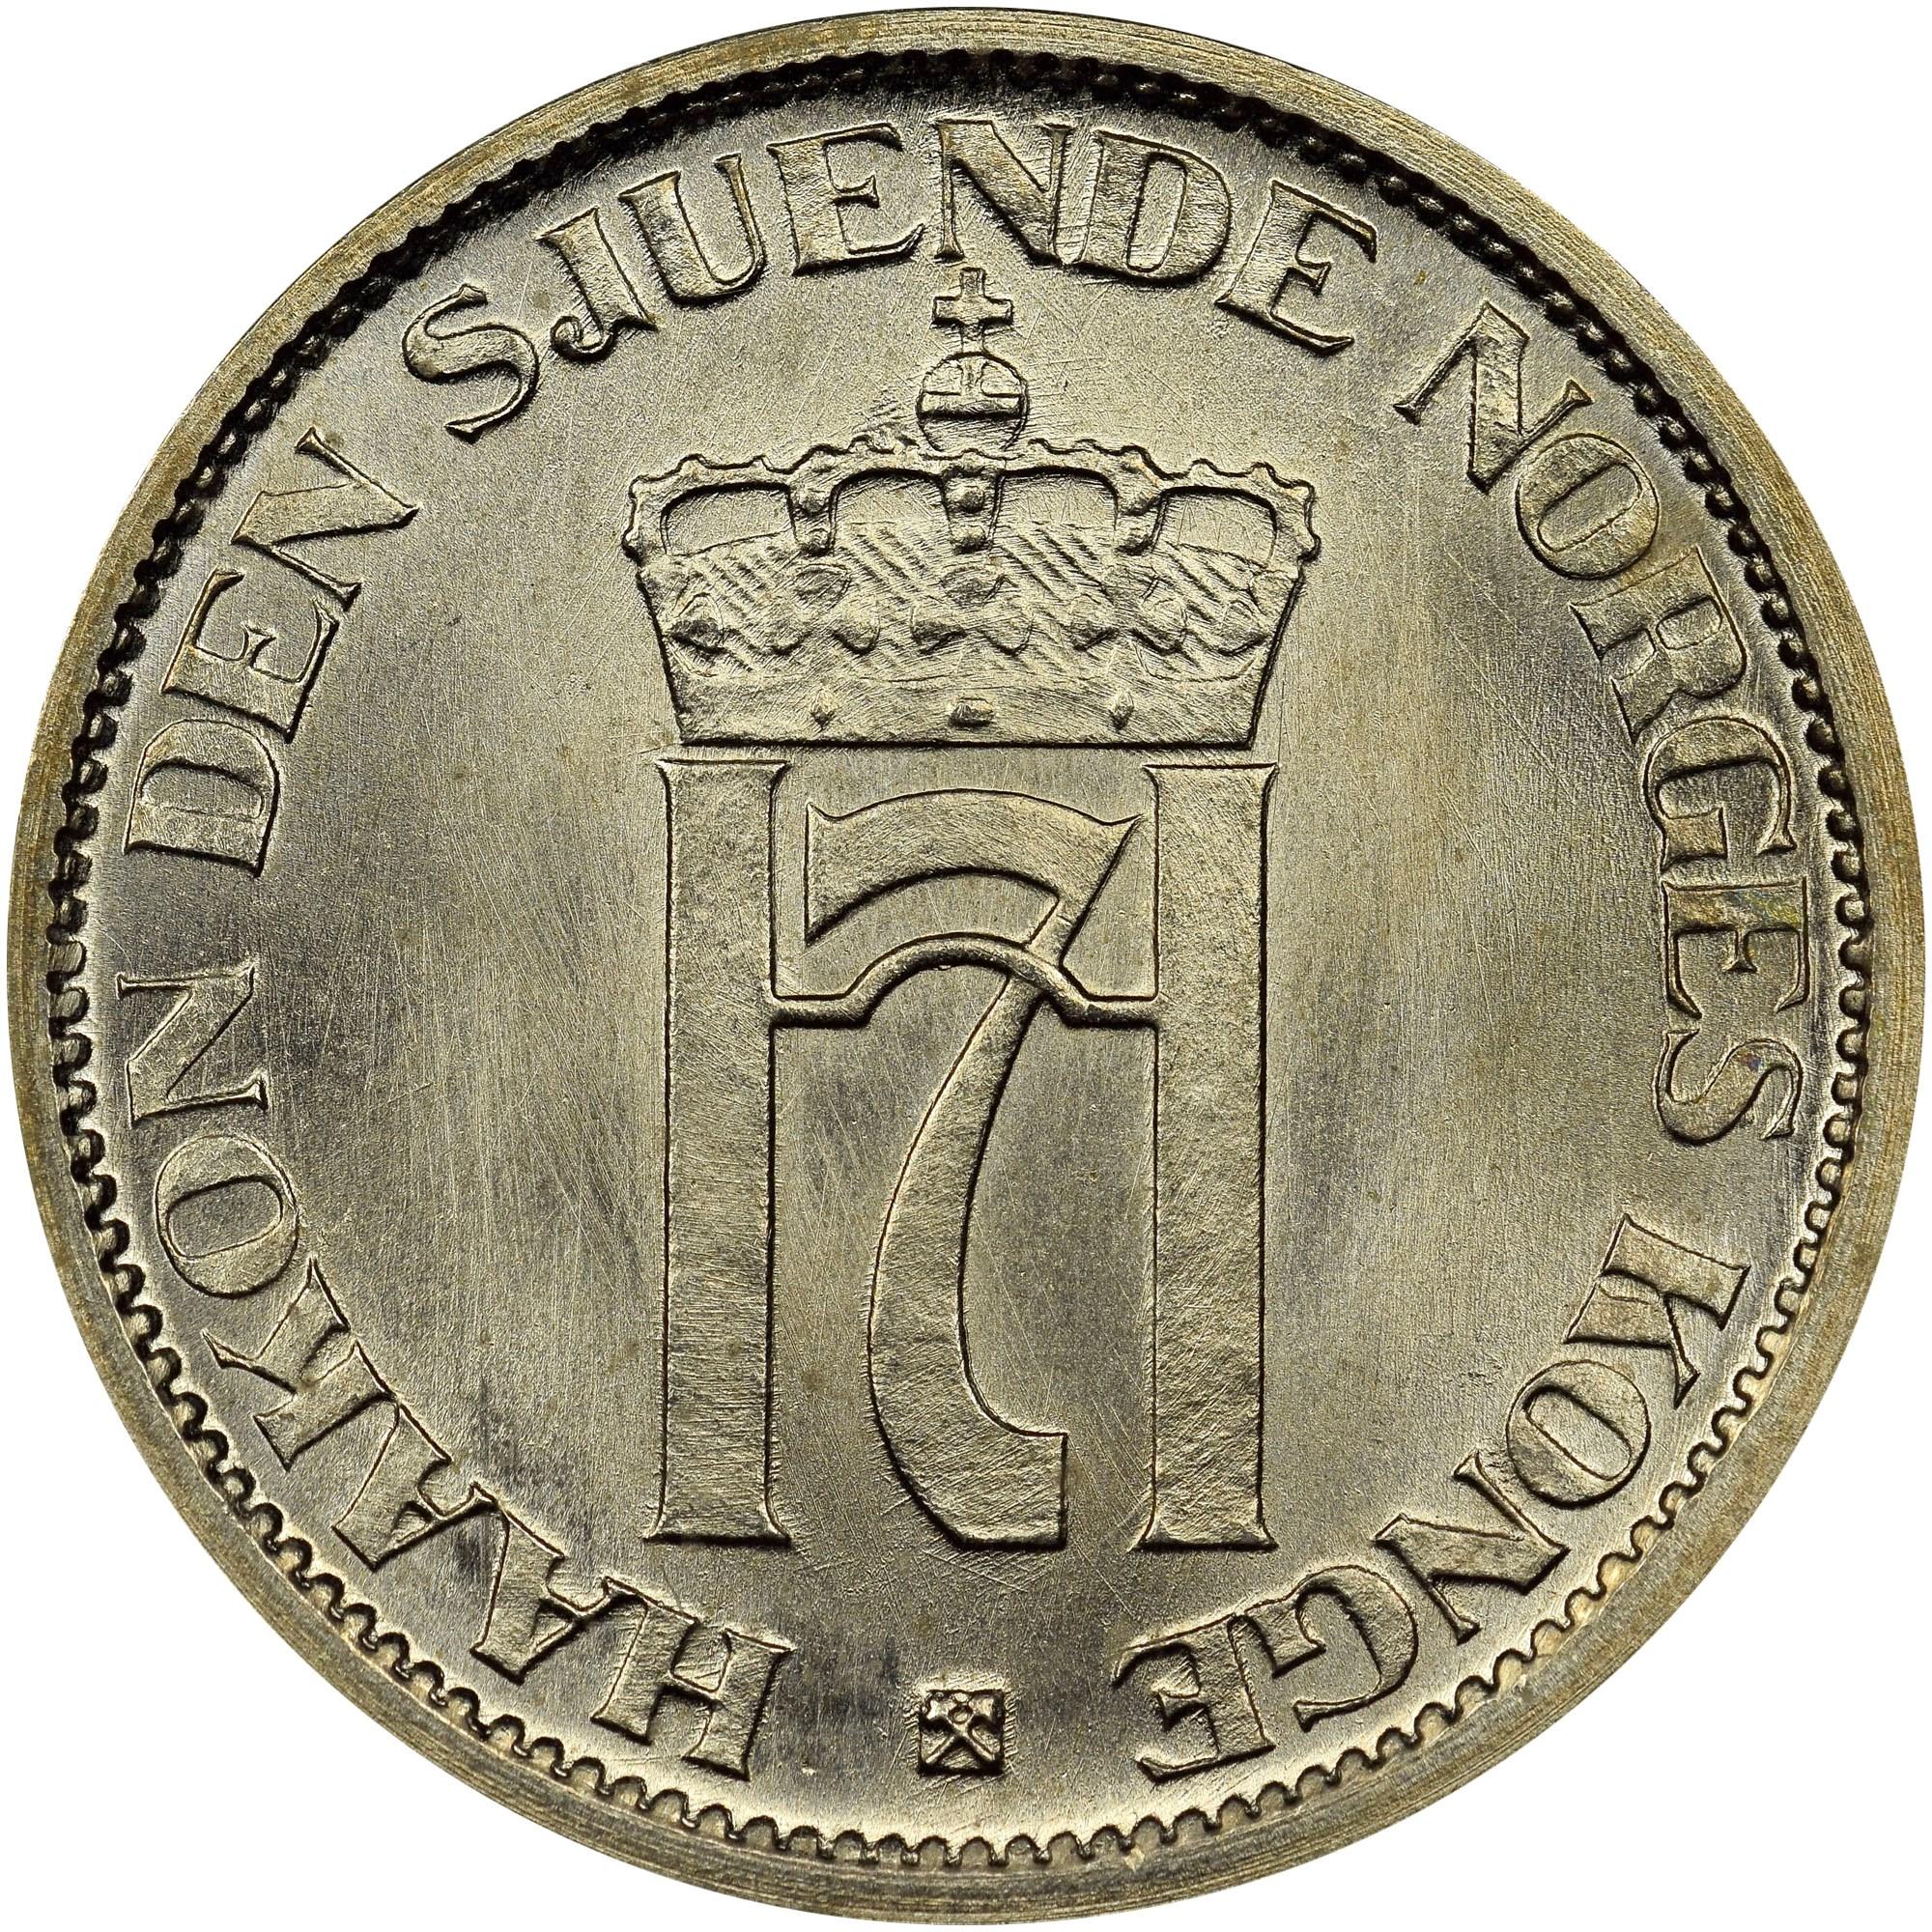 Norway Krone obverse